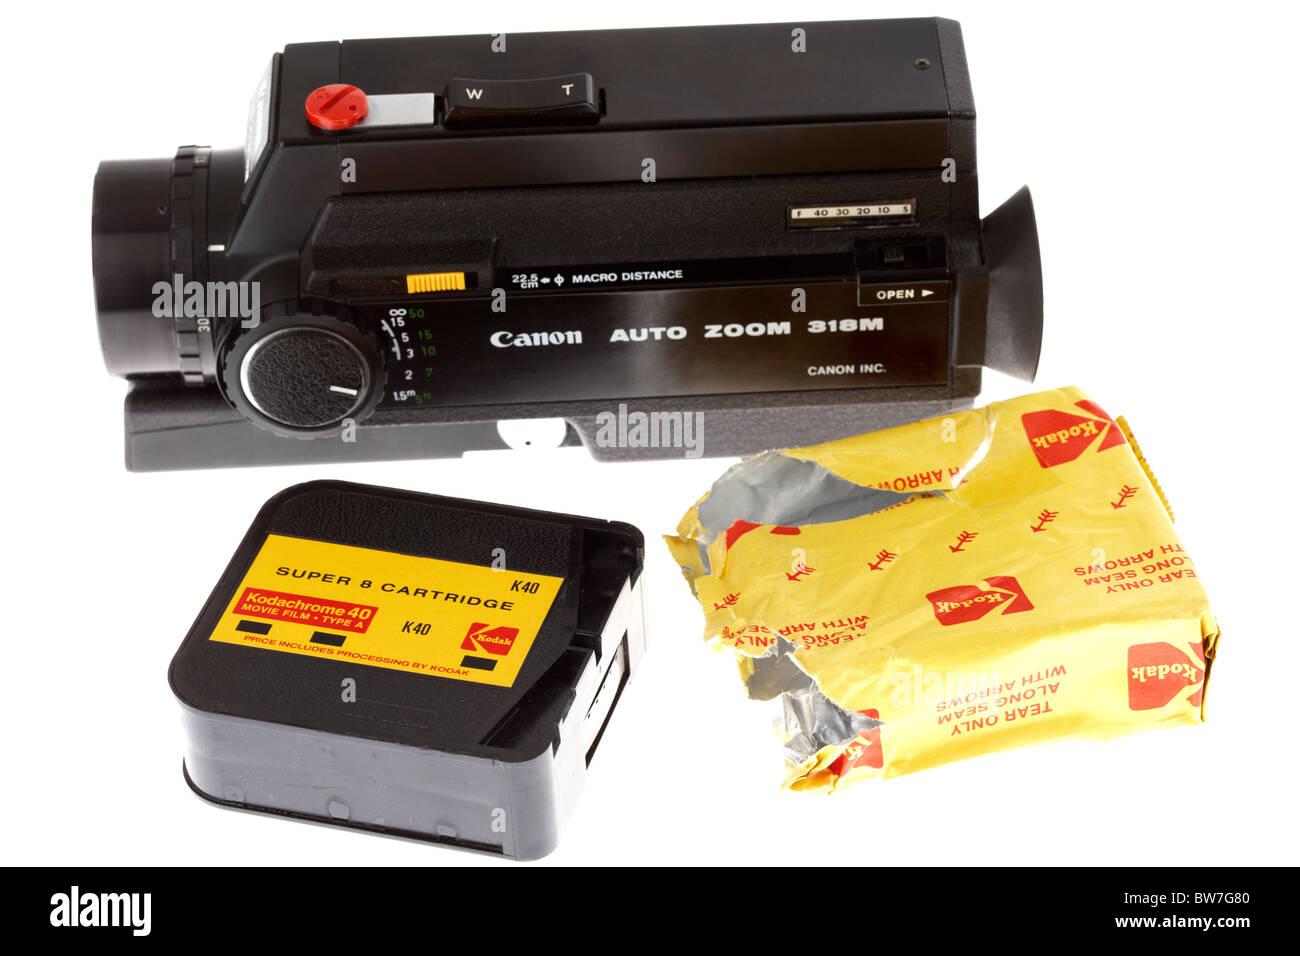 super8 cine home movie camera made by canon and kodak super